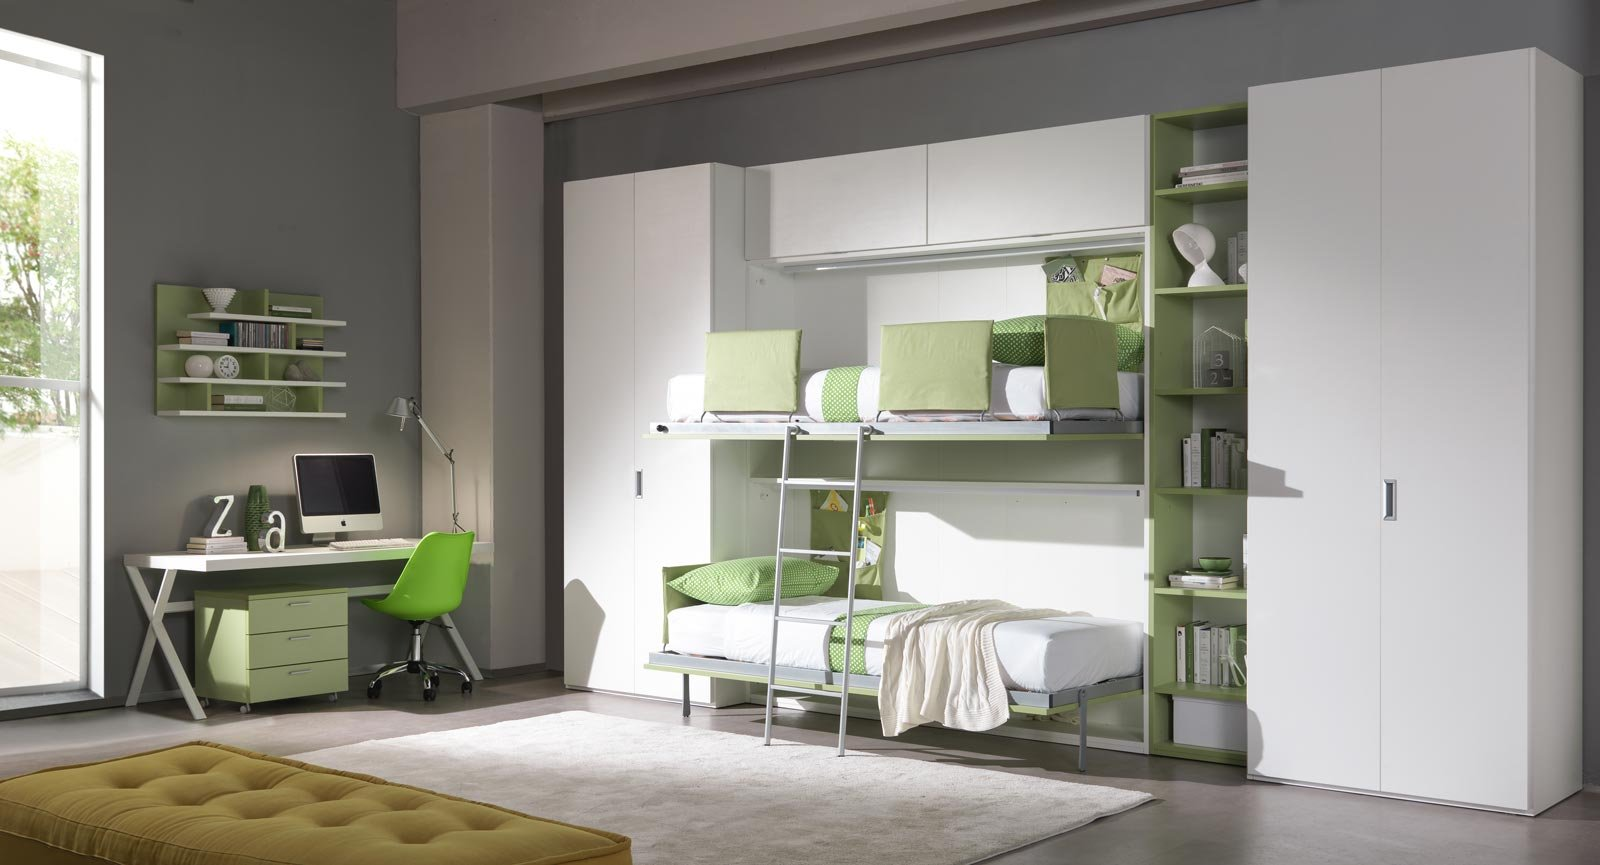 Come Arredare Una Cameretta Rettangolare scegliere la cameretta: 14 soluzioni per tutti gli spazi